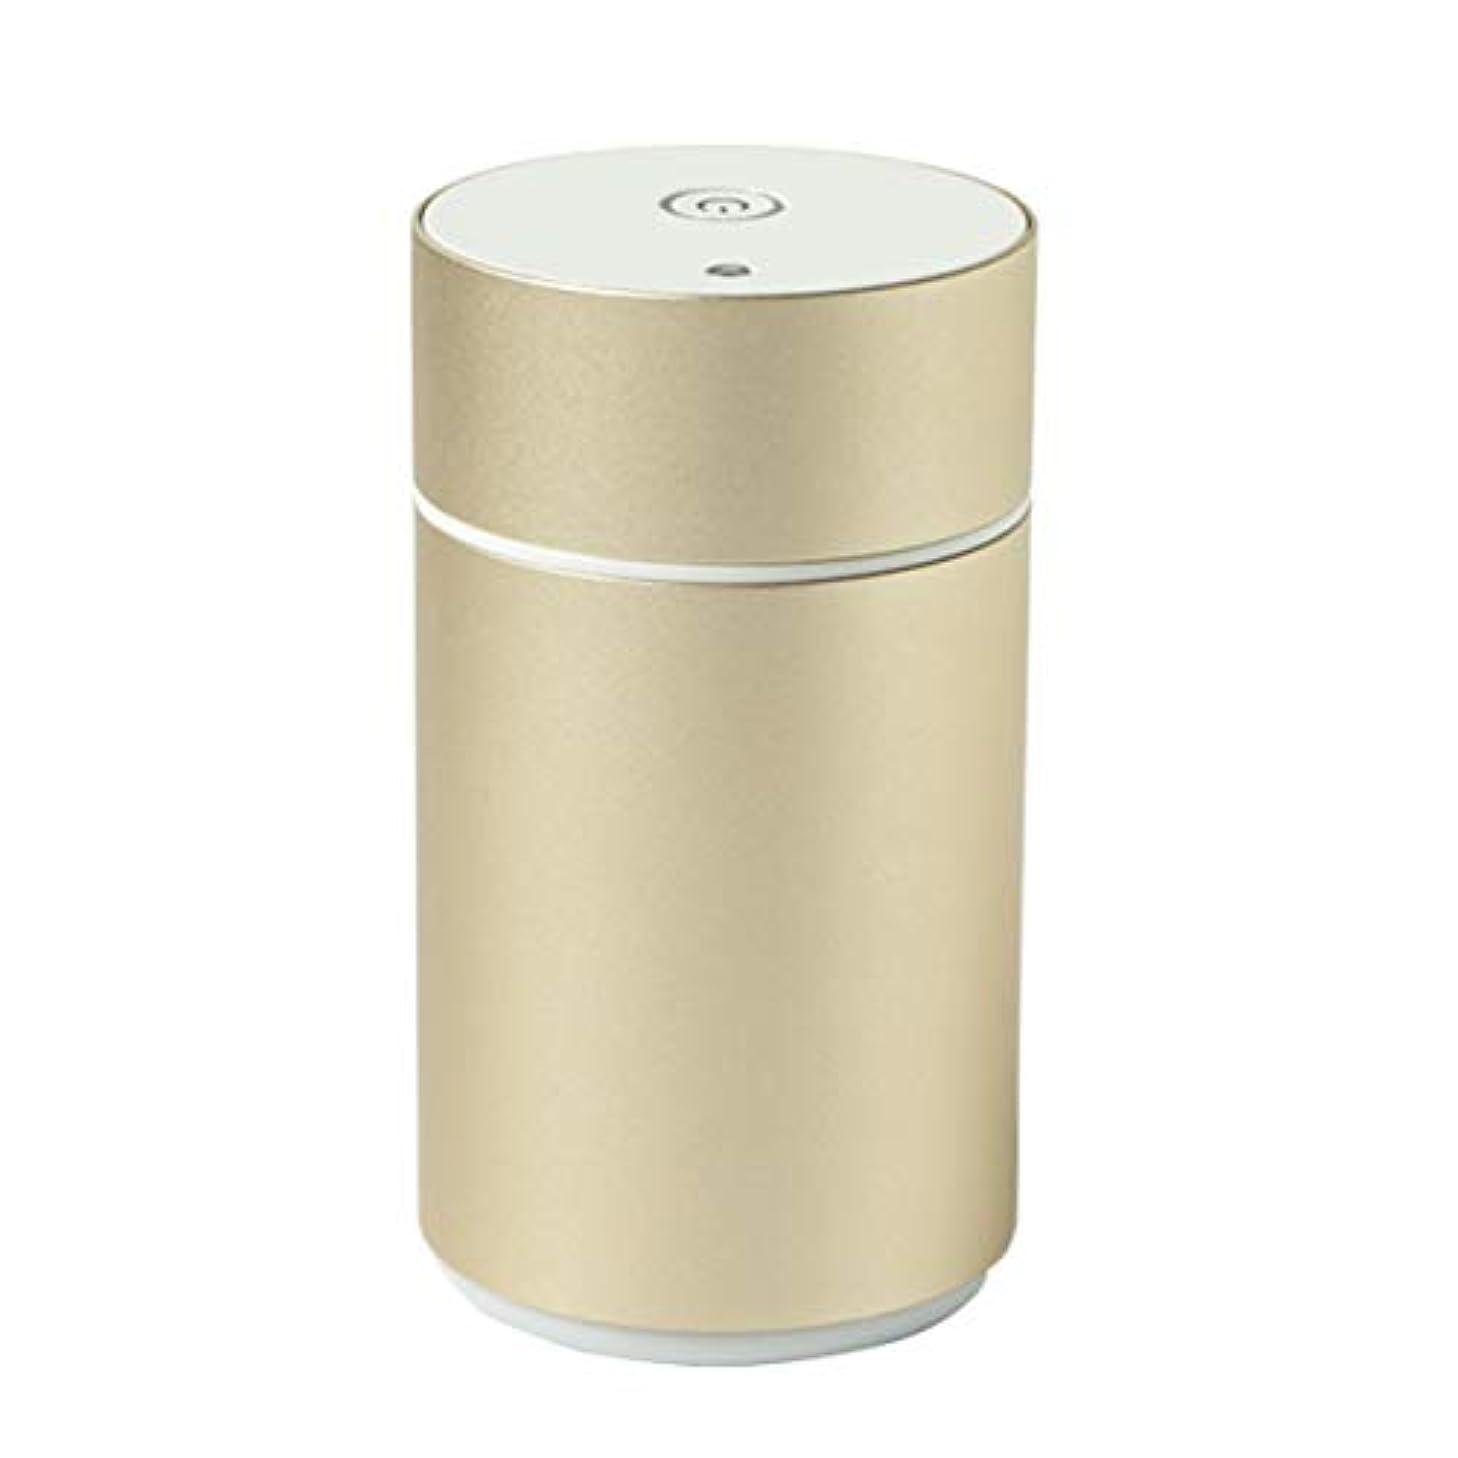 師匠訪問連想生活の木 アロモア ミニ ゴールド (aromore mini gold) (エッセンシャルオイルディフューザー) (圧縮微粒子式アロマディフューザー)